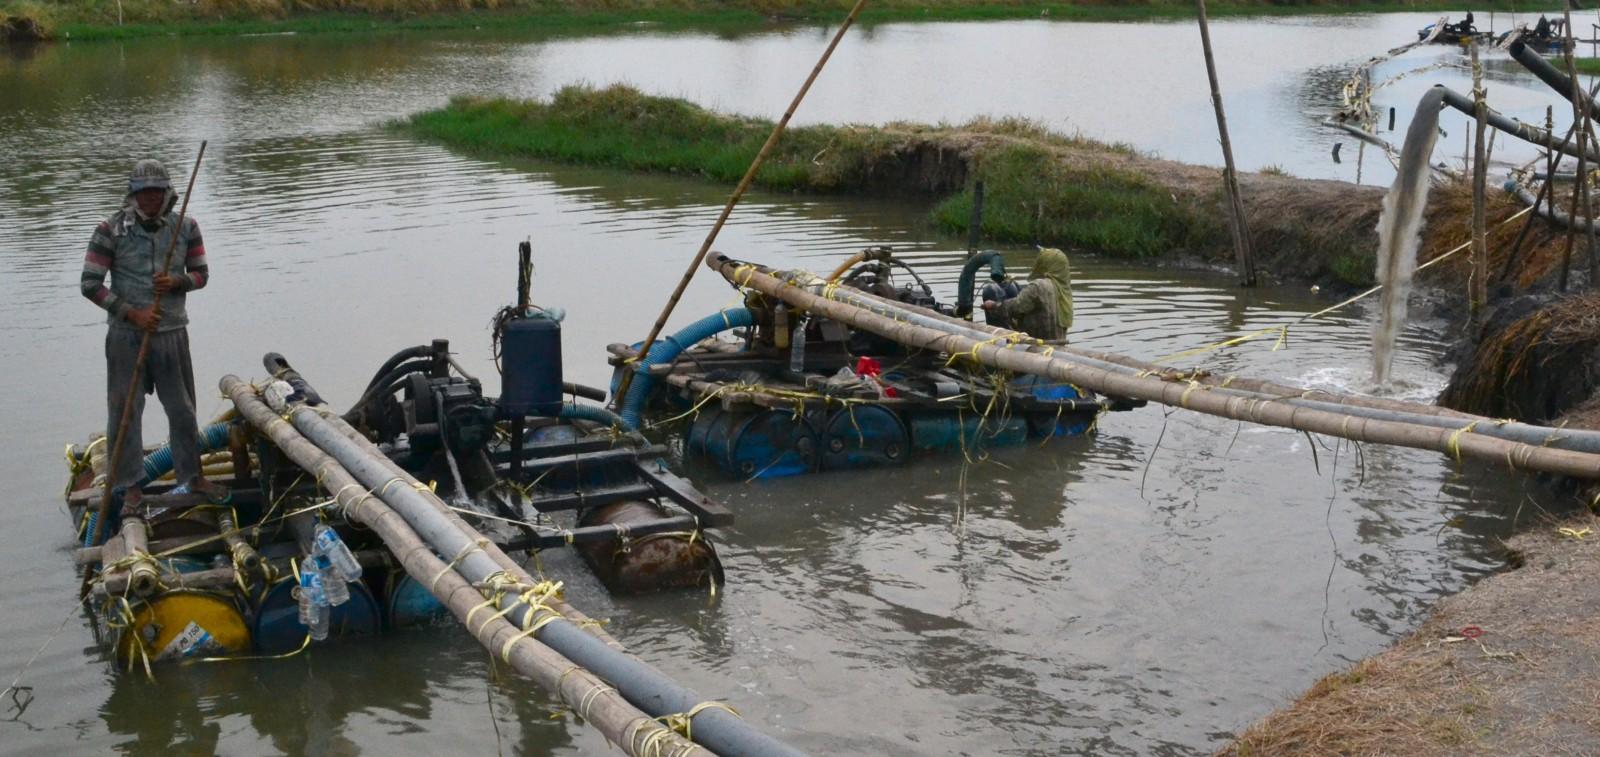 Skramliga motorer driver pumparna som flyttar sanden från bassänger till väntande lastbilar